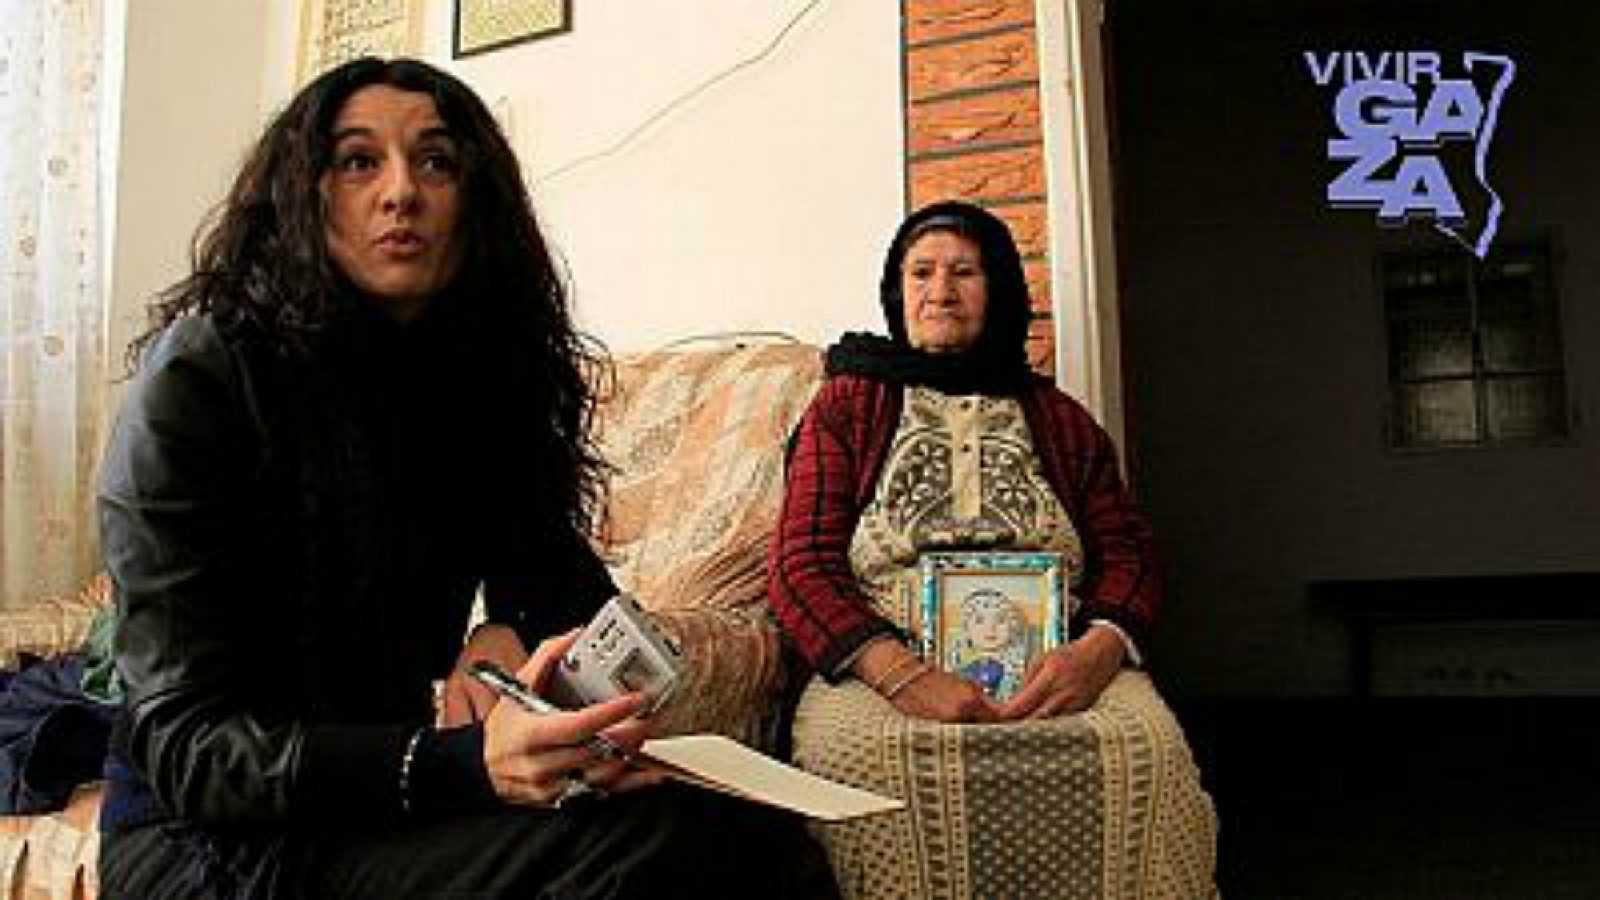 Ondas de ayer - Vivir Gaza - 21/06/19 - Escuchar ahora